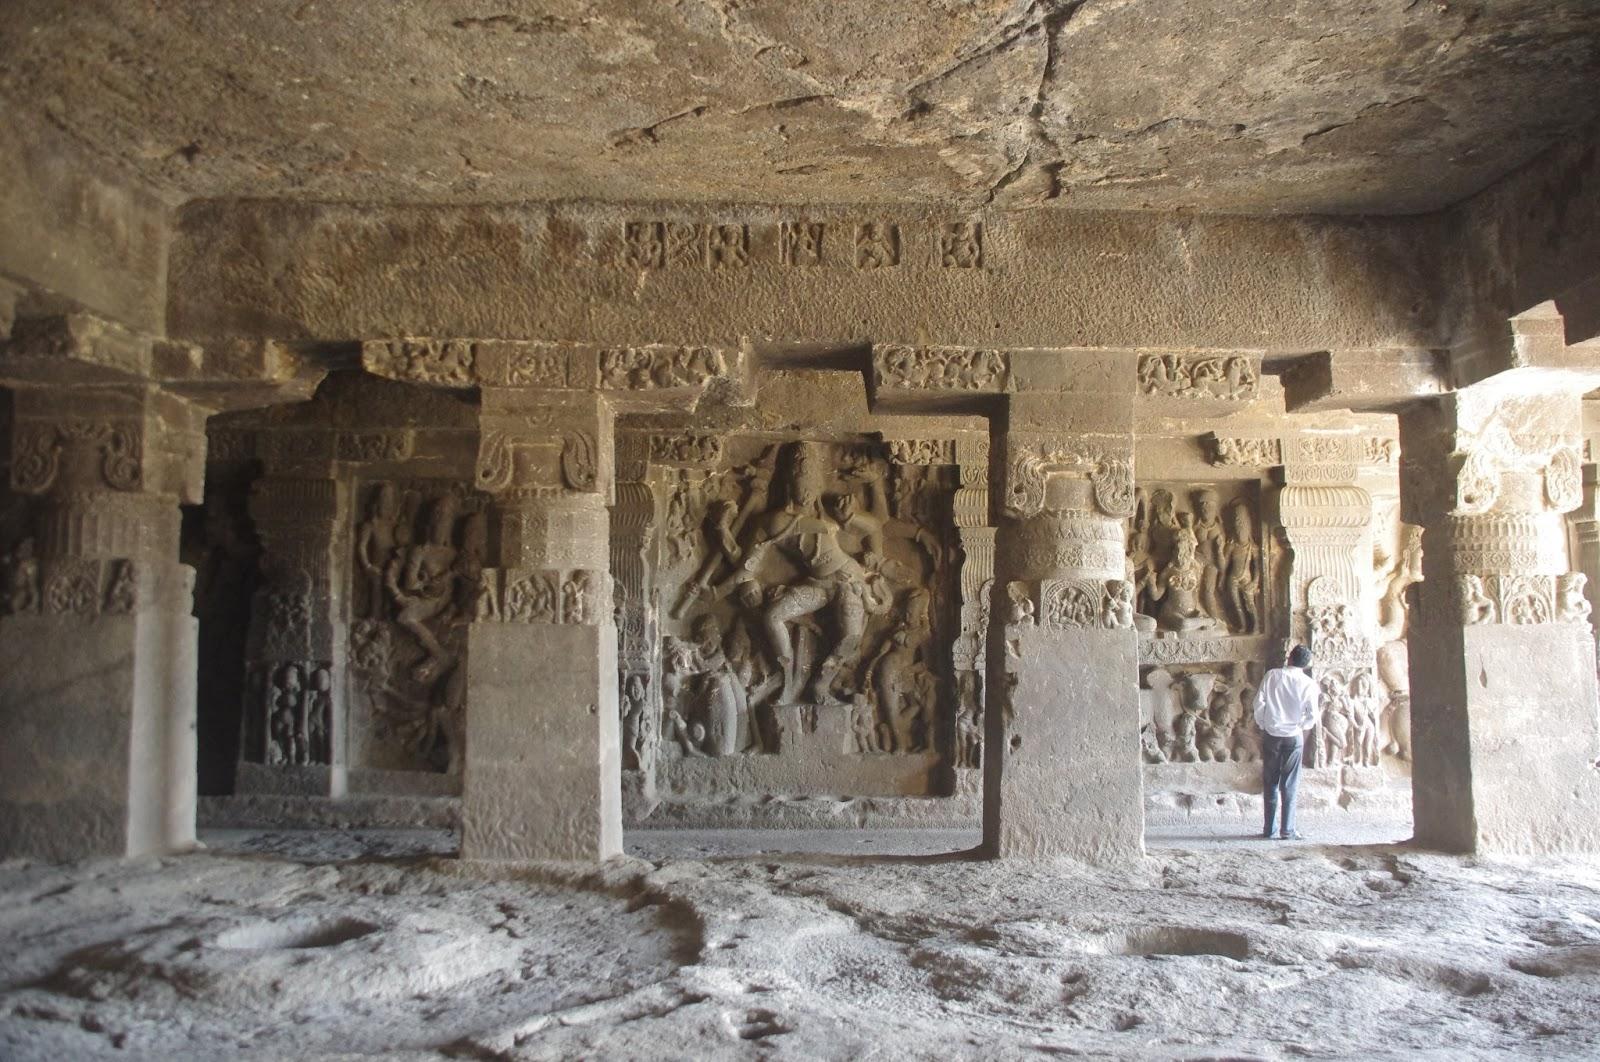 エローラ石窟群の画像 p1_12